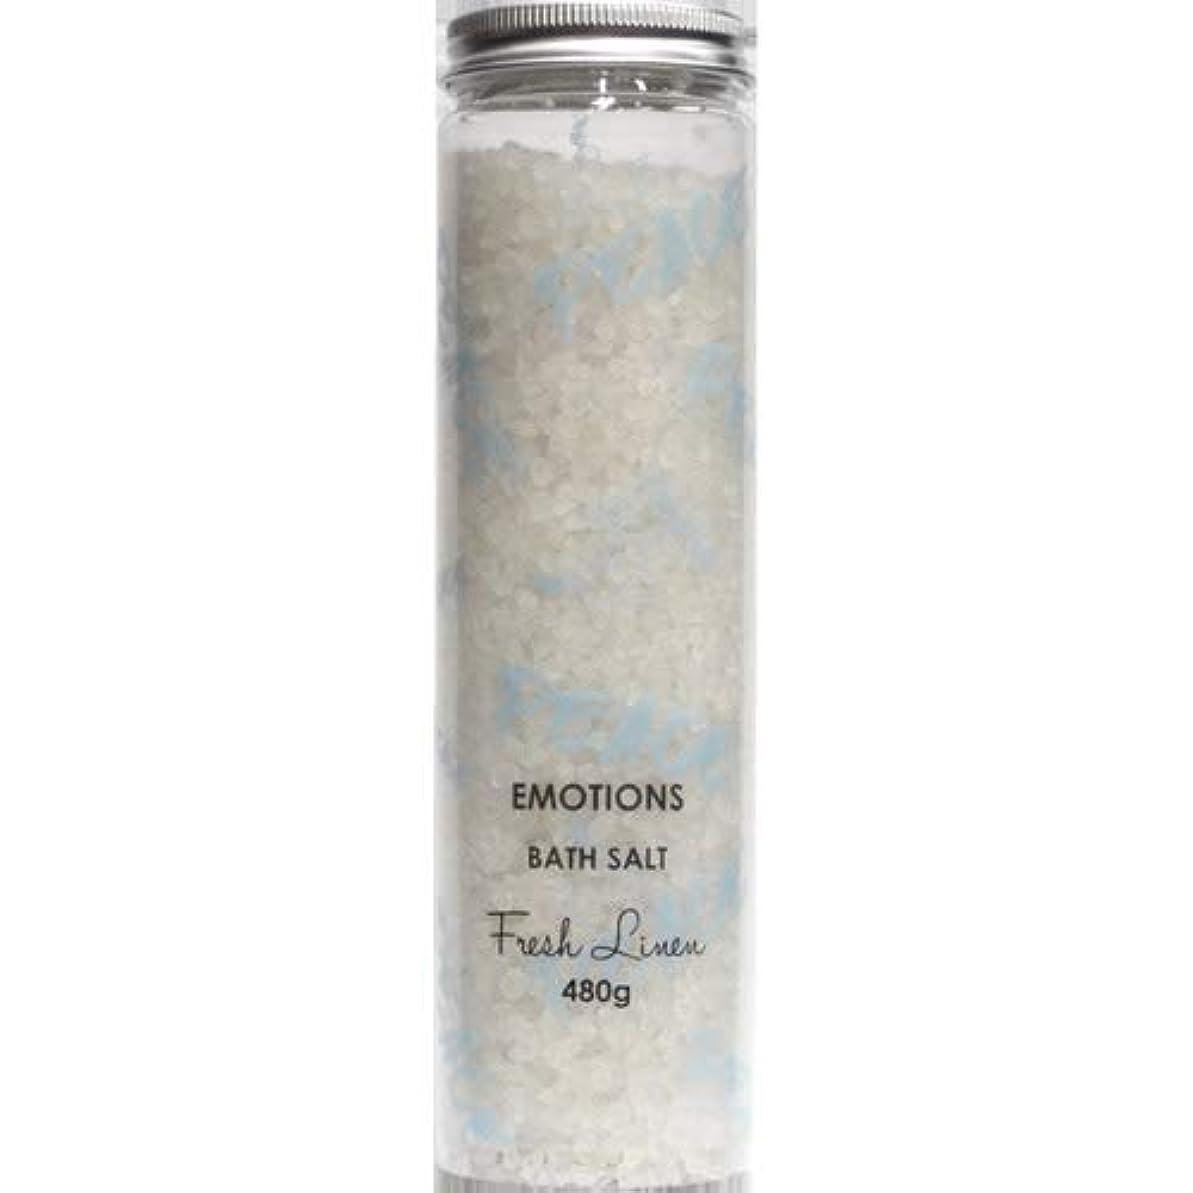 置換翻訳するループ三和トレーディング EMOTIONS エモーション Fragranced Bath Salts バスソルト Peace ピース(Fresh Linen フレッシュリネン)